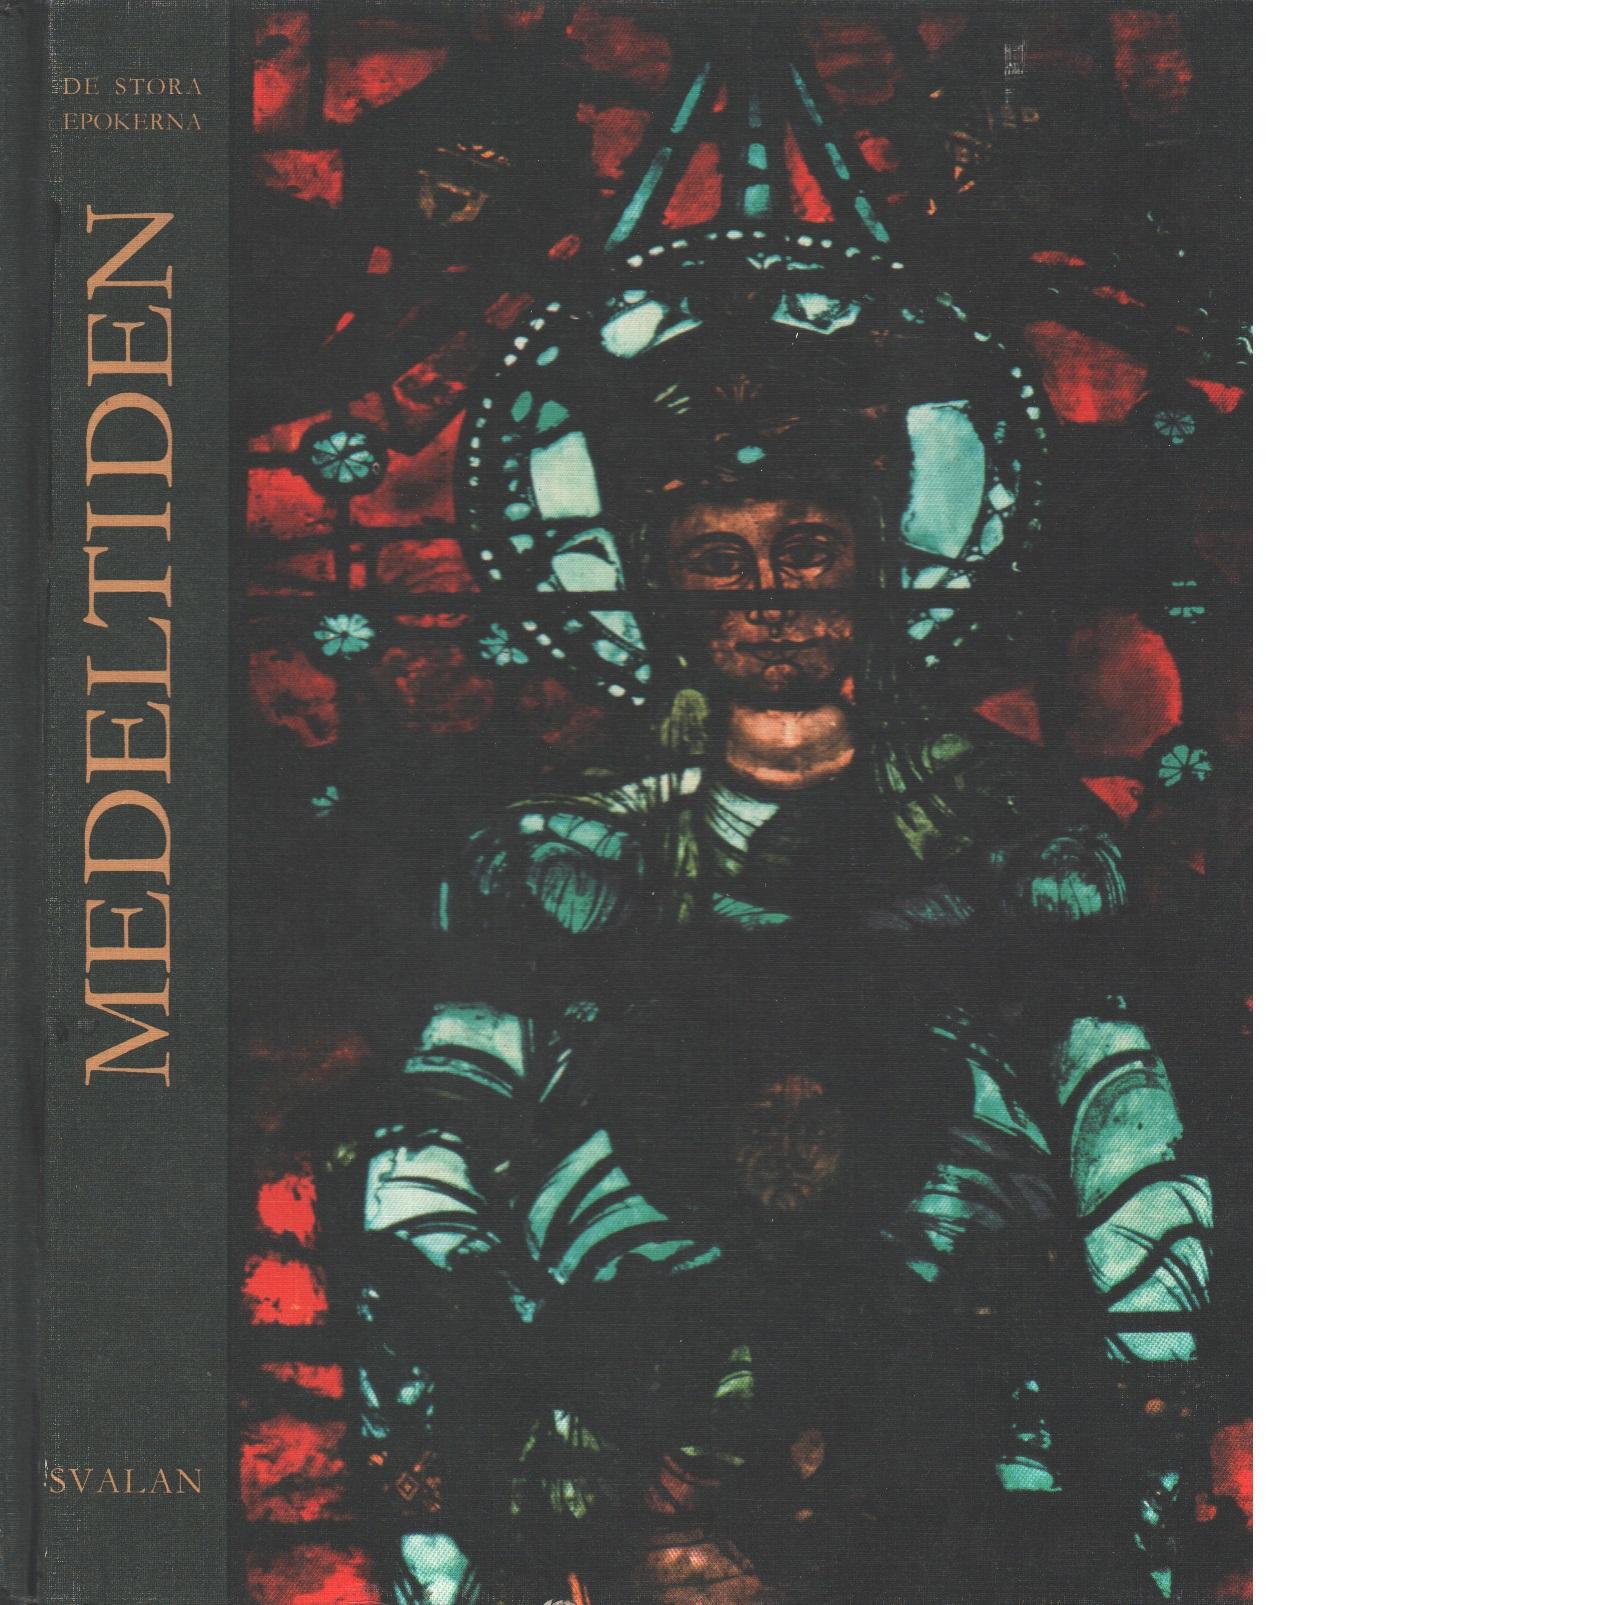 Medeltiden : konst, religion och samhällsliv i medeltidens Europa - Fremantle, Anne